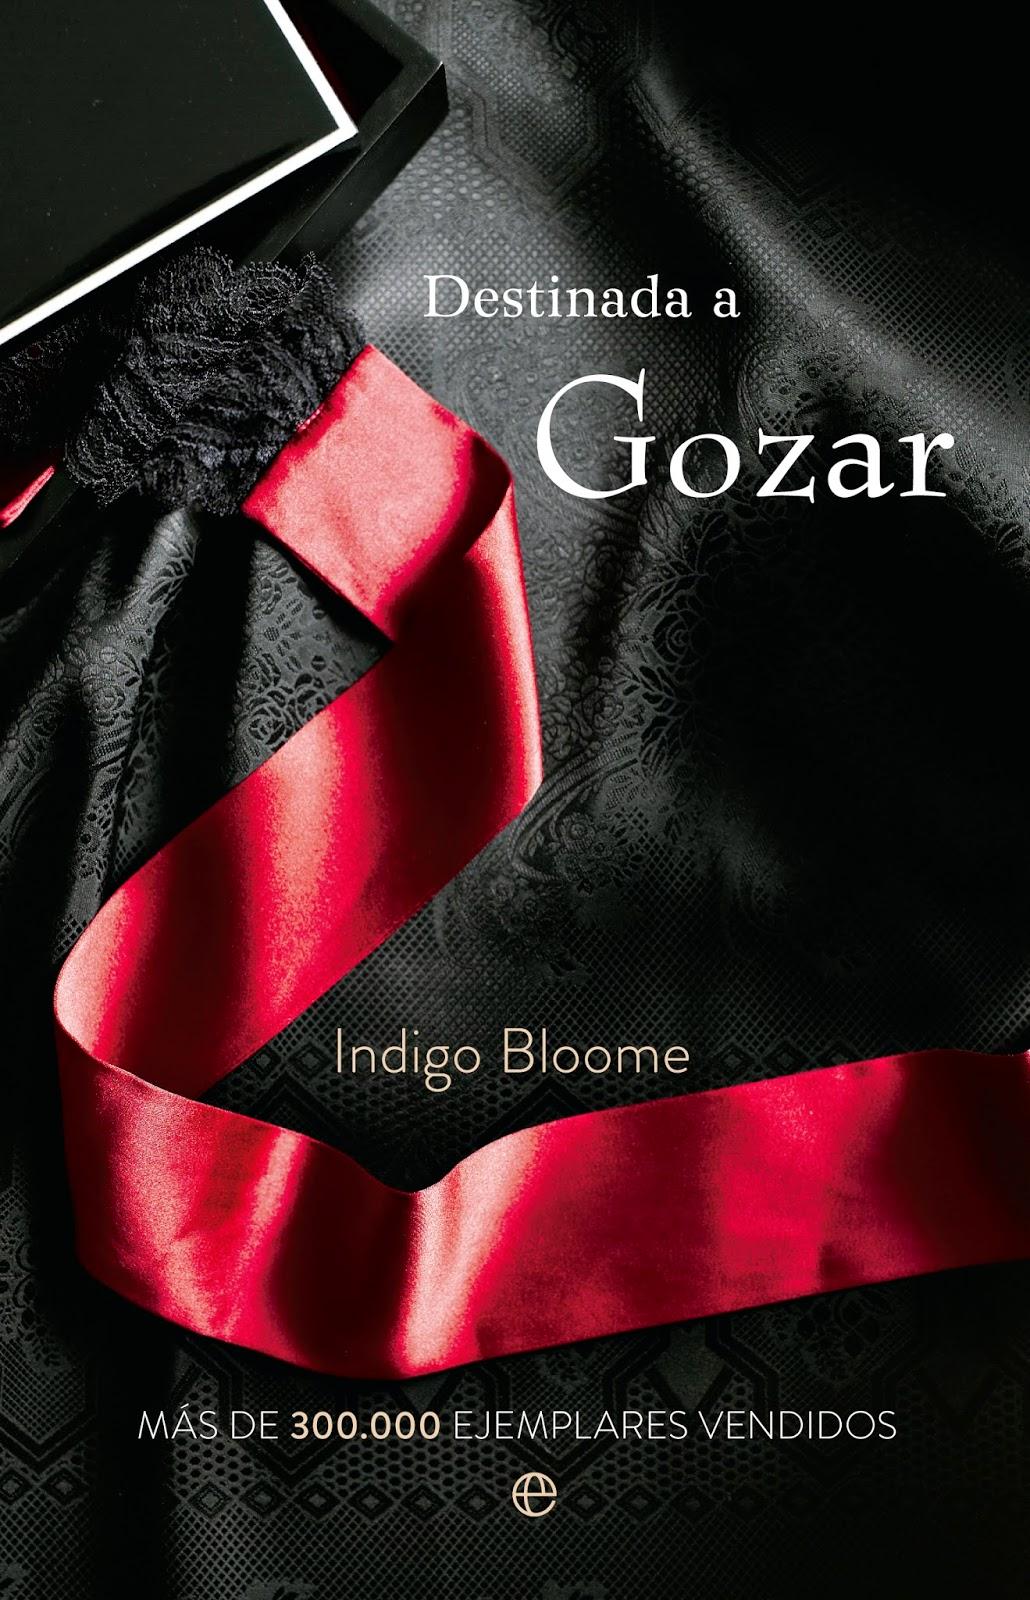 Reseña: Trilogia avalon - Destinada a gozar #1 de Indigo Bloome